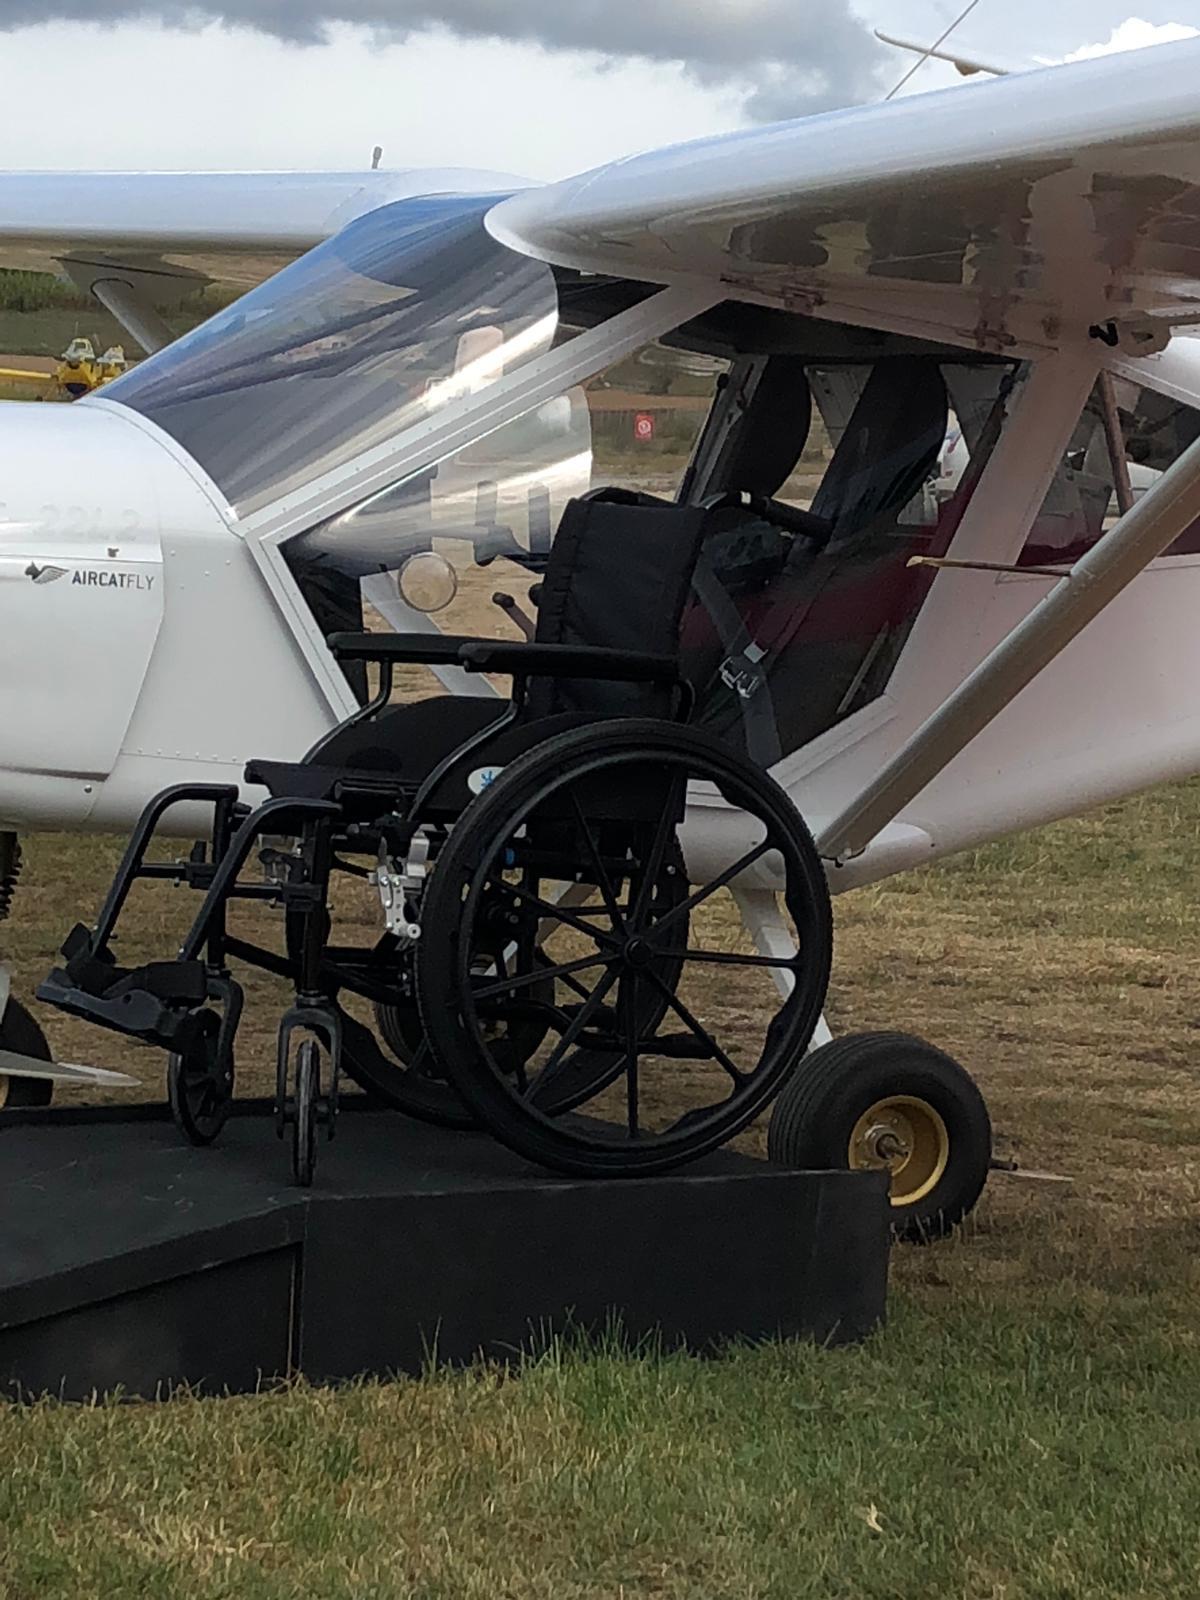 A l'aeròdrom, aparells amb totes les facilitats per acostar a discapacitats a l'experiència de volar